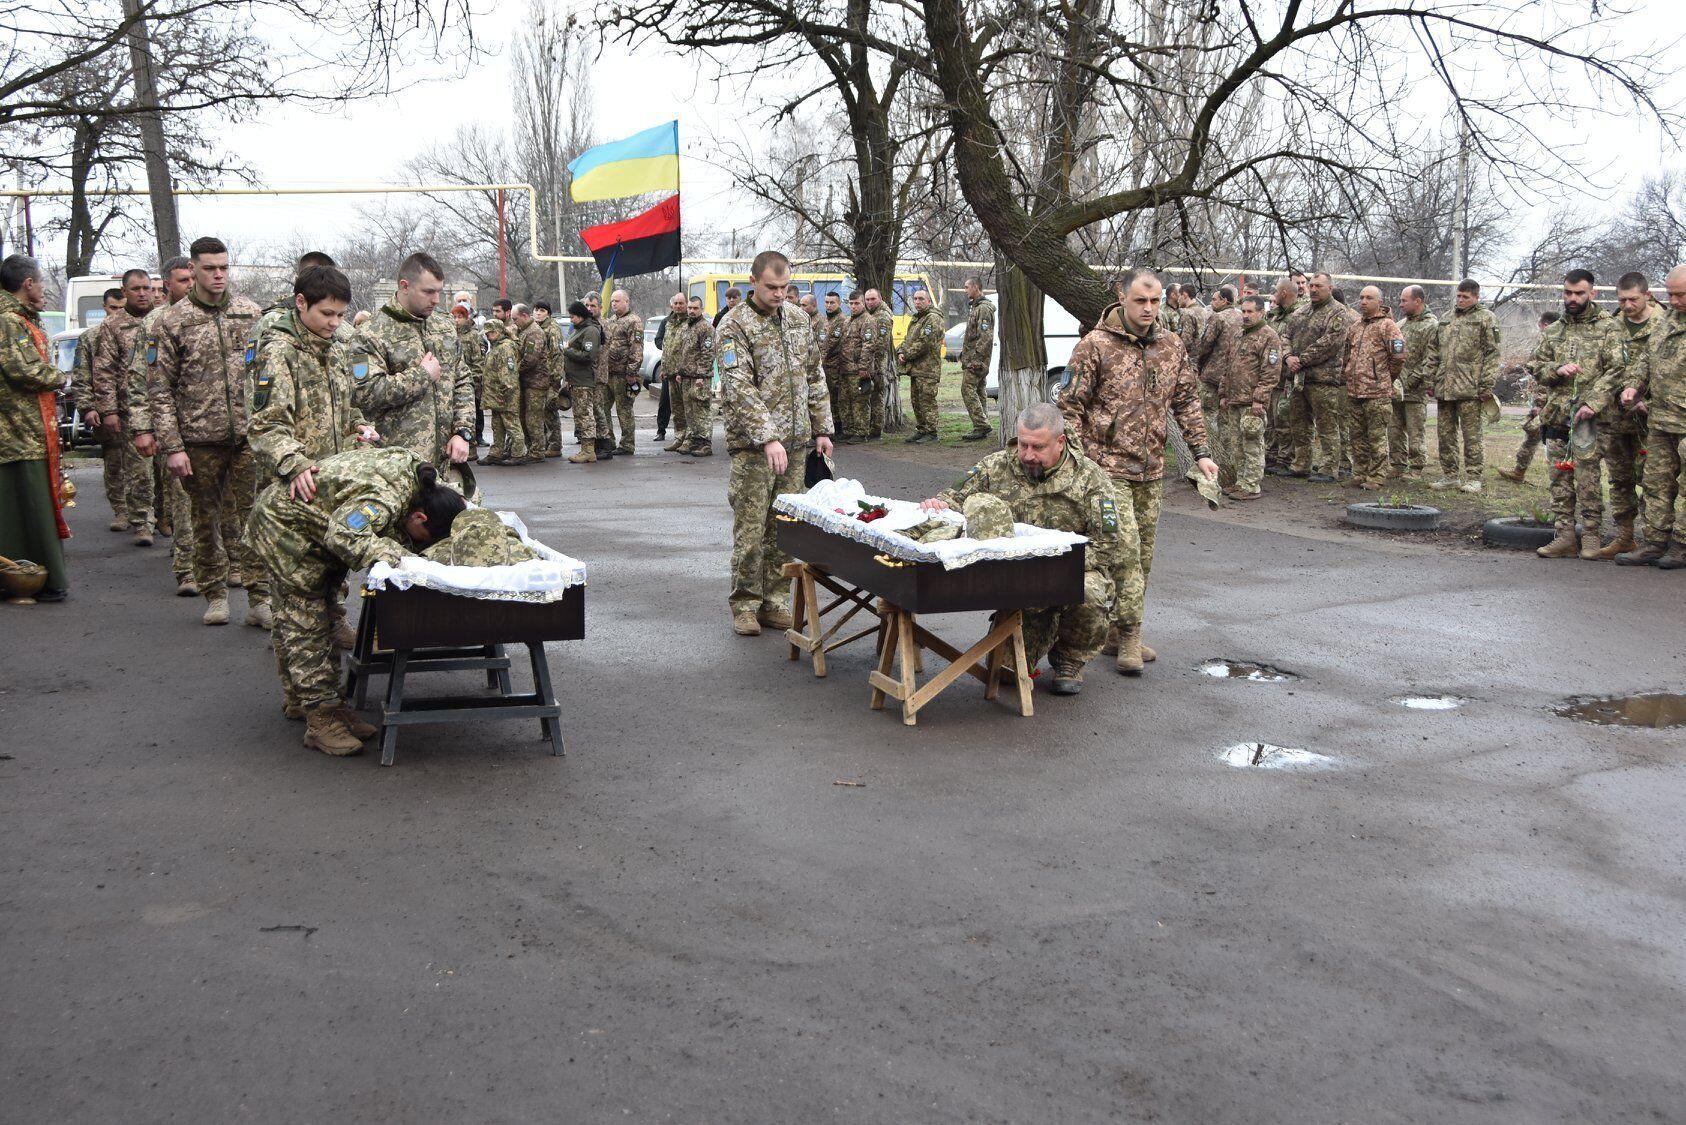 Побратими на колінах попрощалися із воїнами ЗСУ